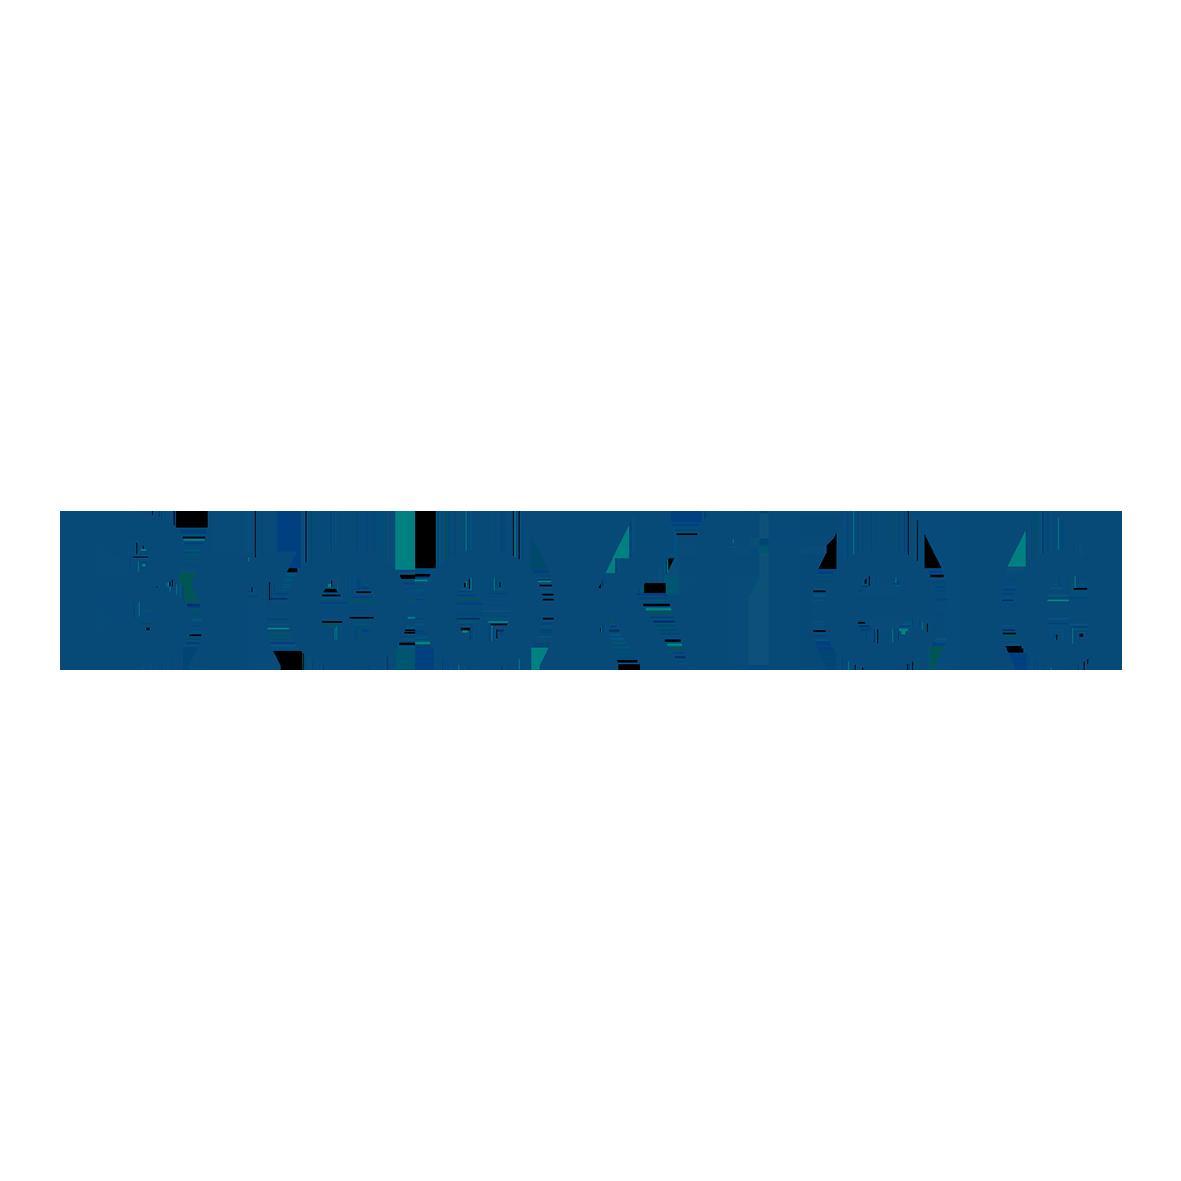 Brookfield Hospitality Logo - HoCoSo Track record